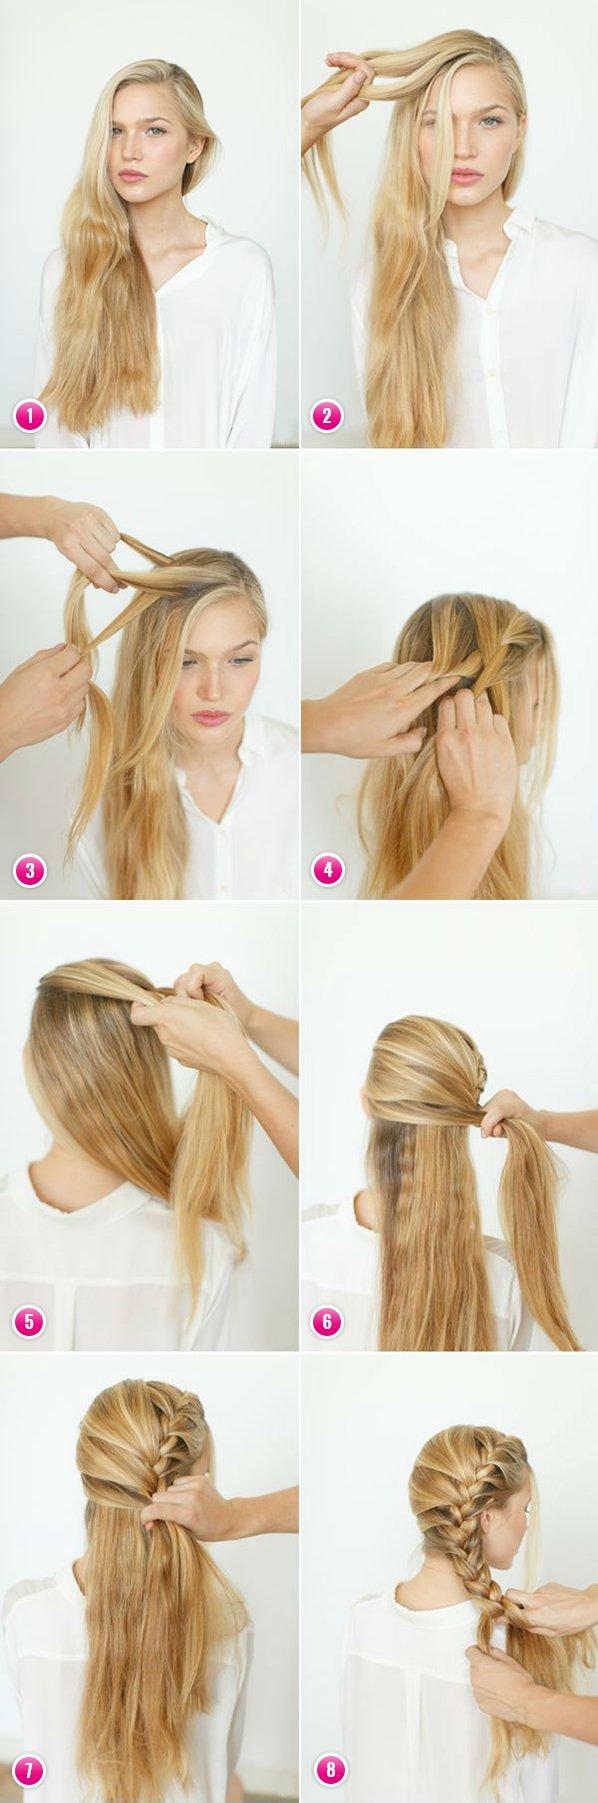 Как можно заплести волосы в школу самой себе - 0bf